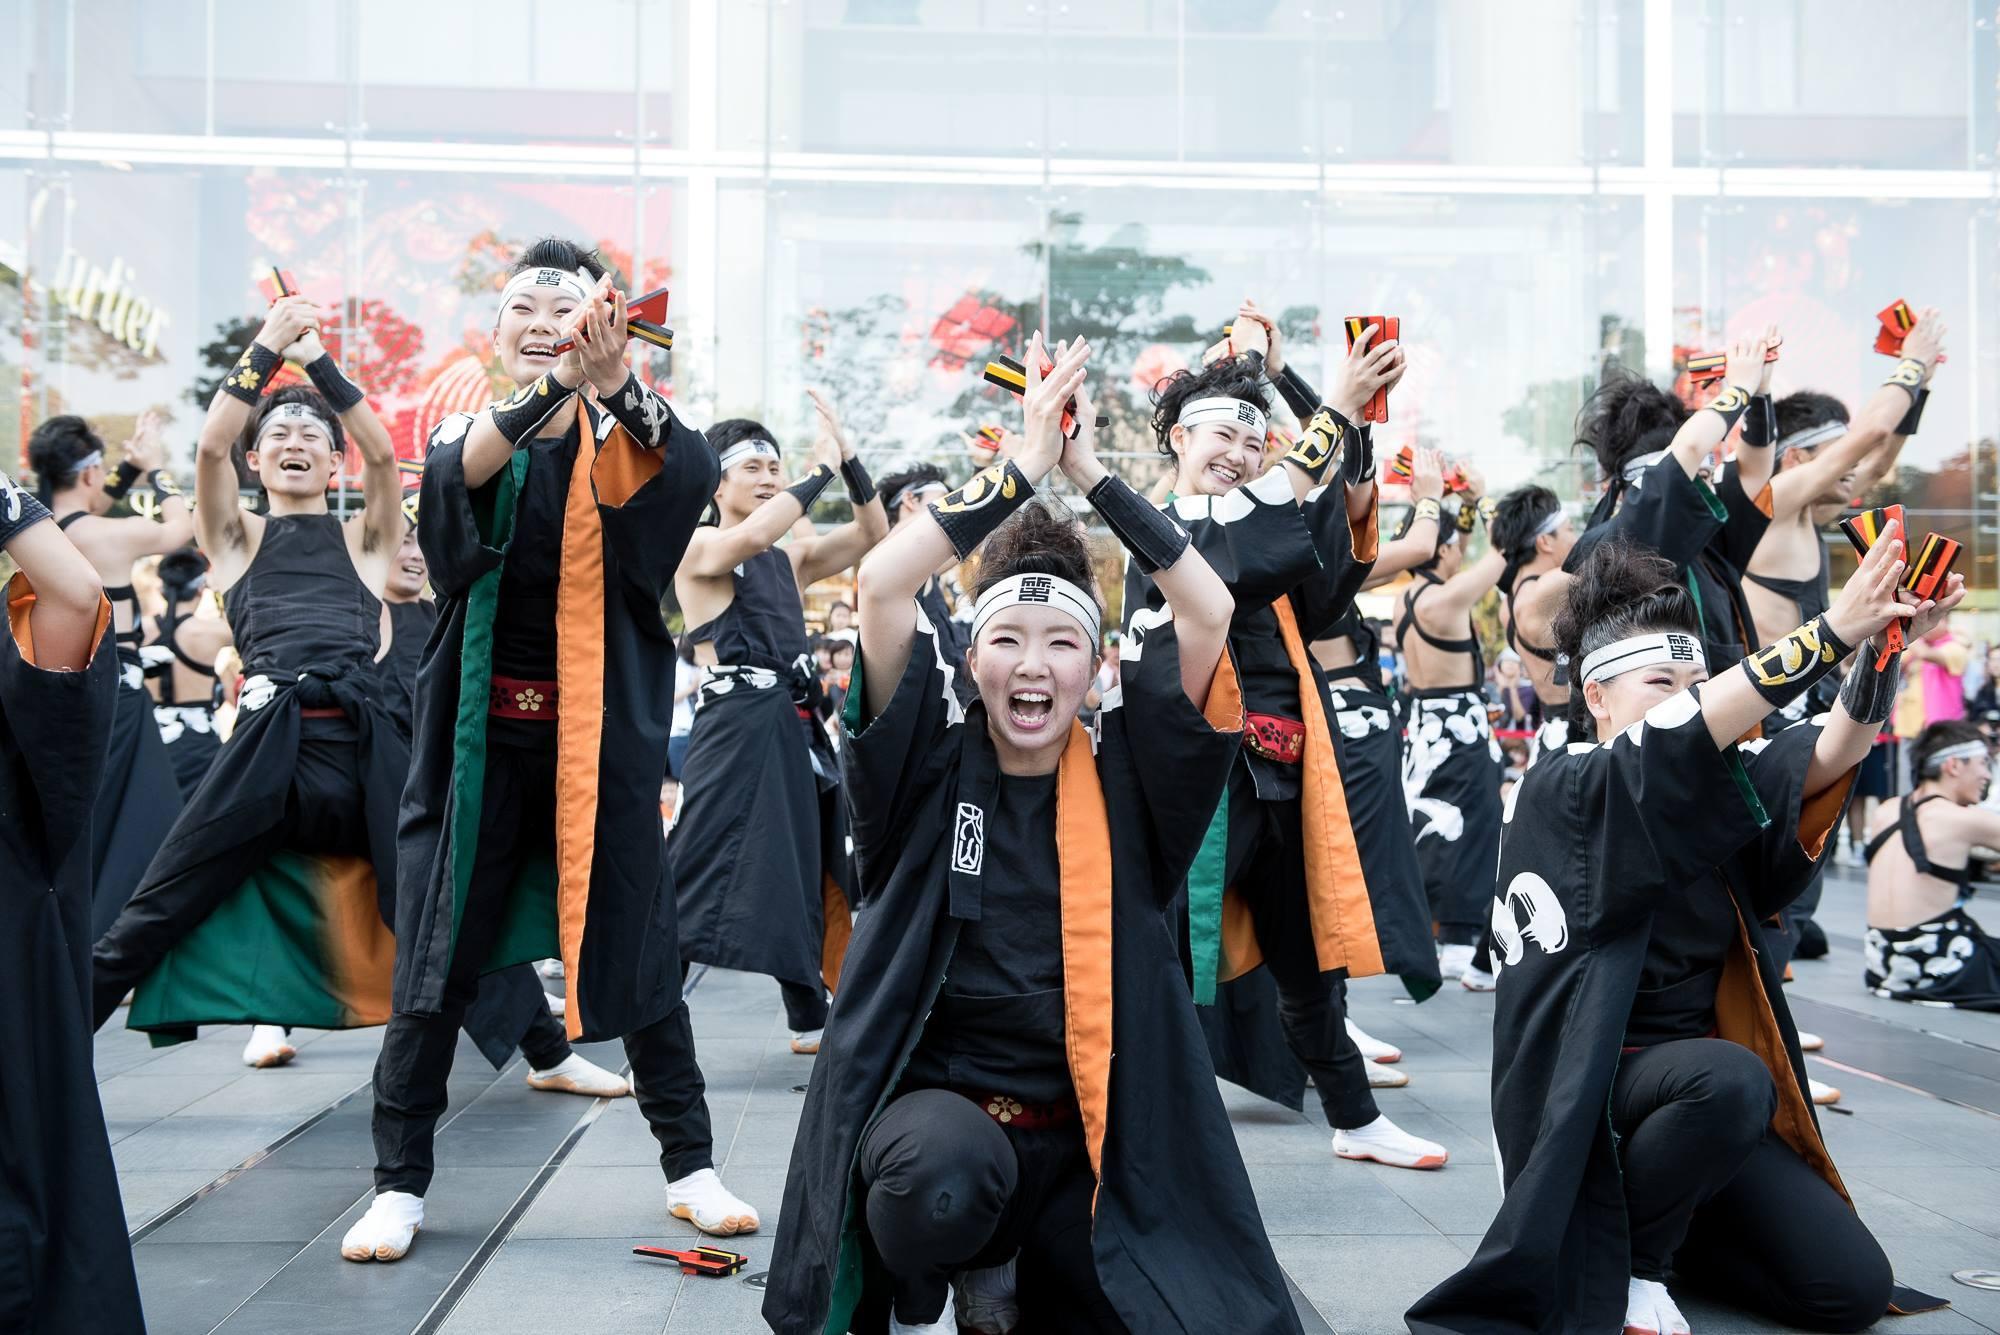 臺中國際踩舞祭 (6)